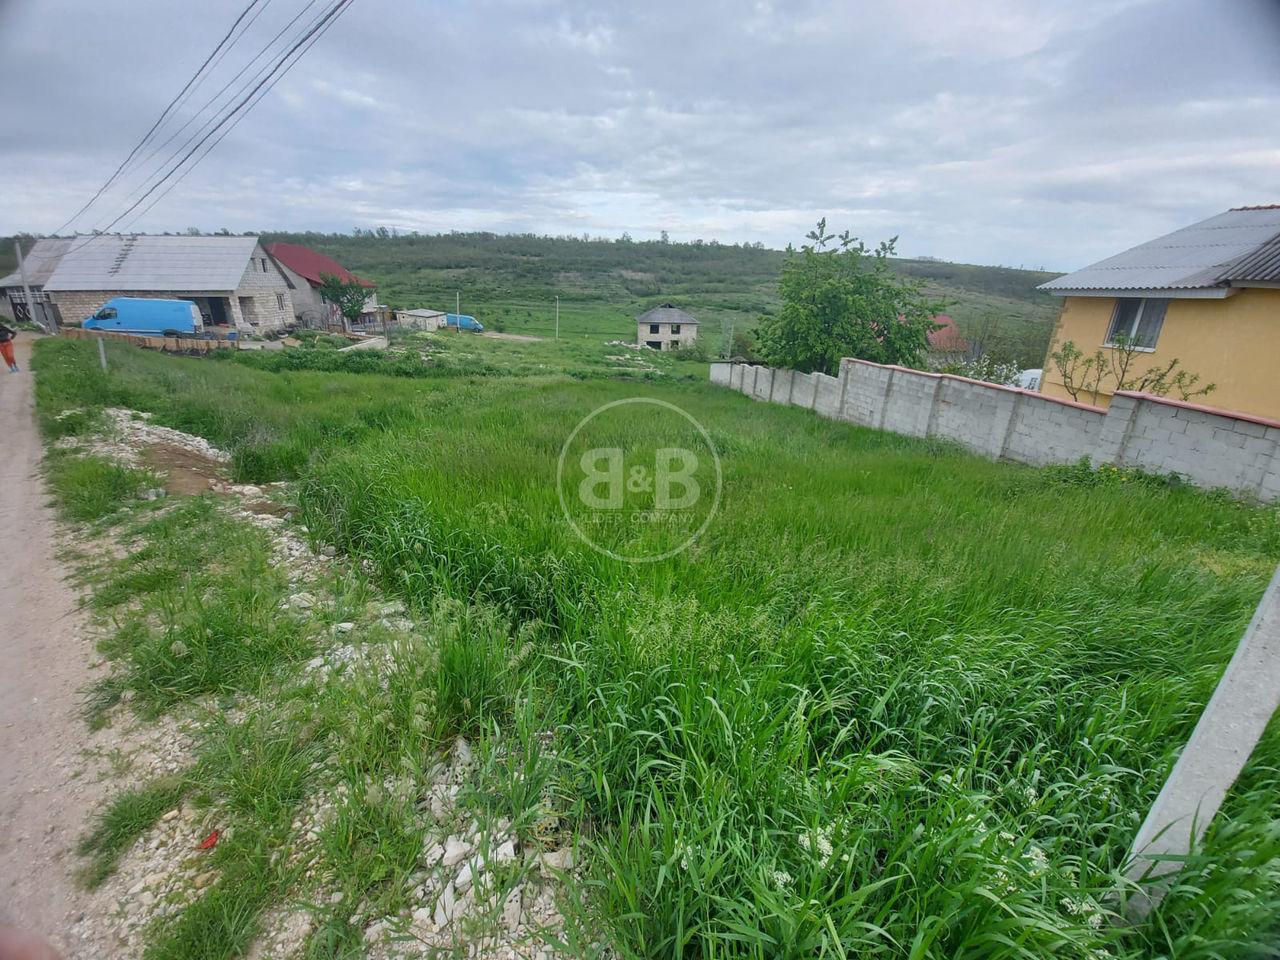 Lot de pământ cu suprafața de 8 ari, Bubuieci str. Mihai Viteazu pentru construcție+proiect de casă